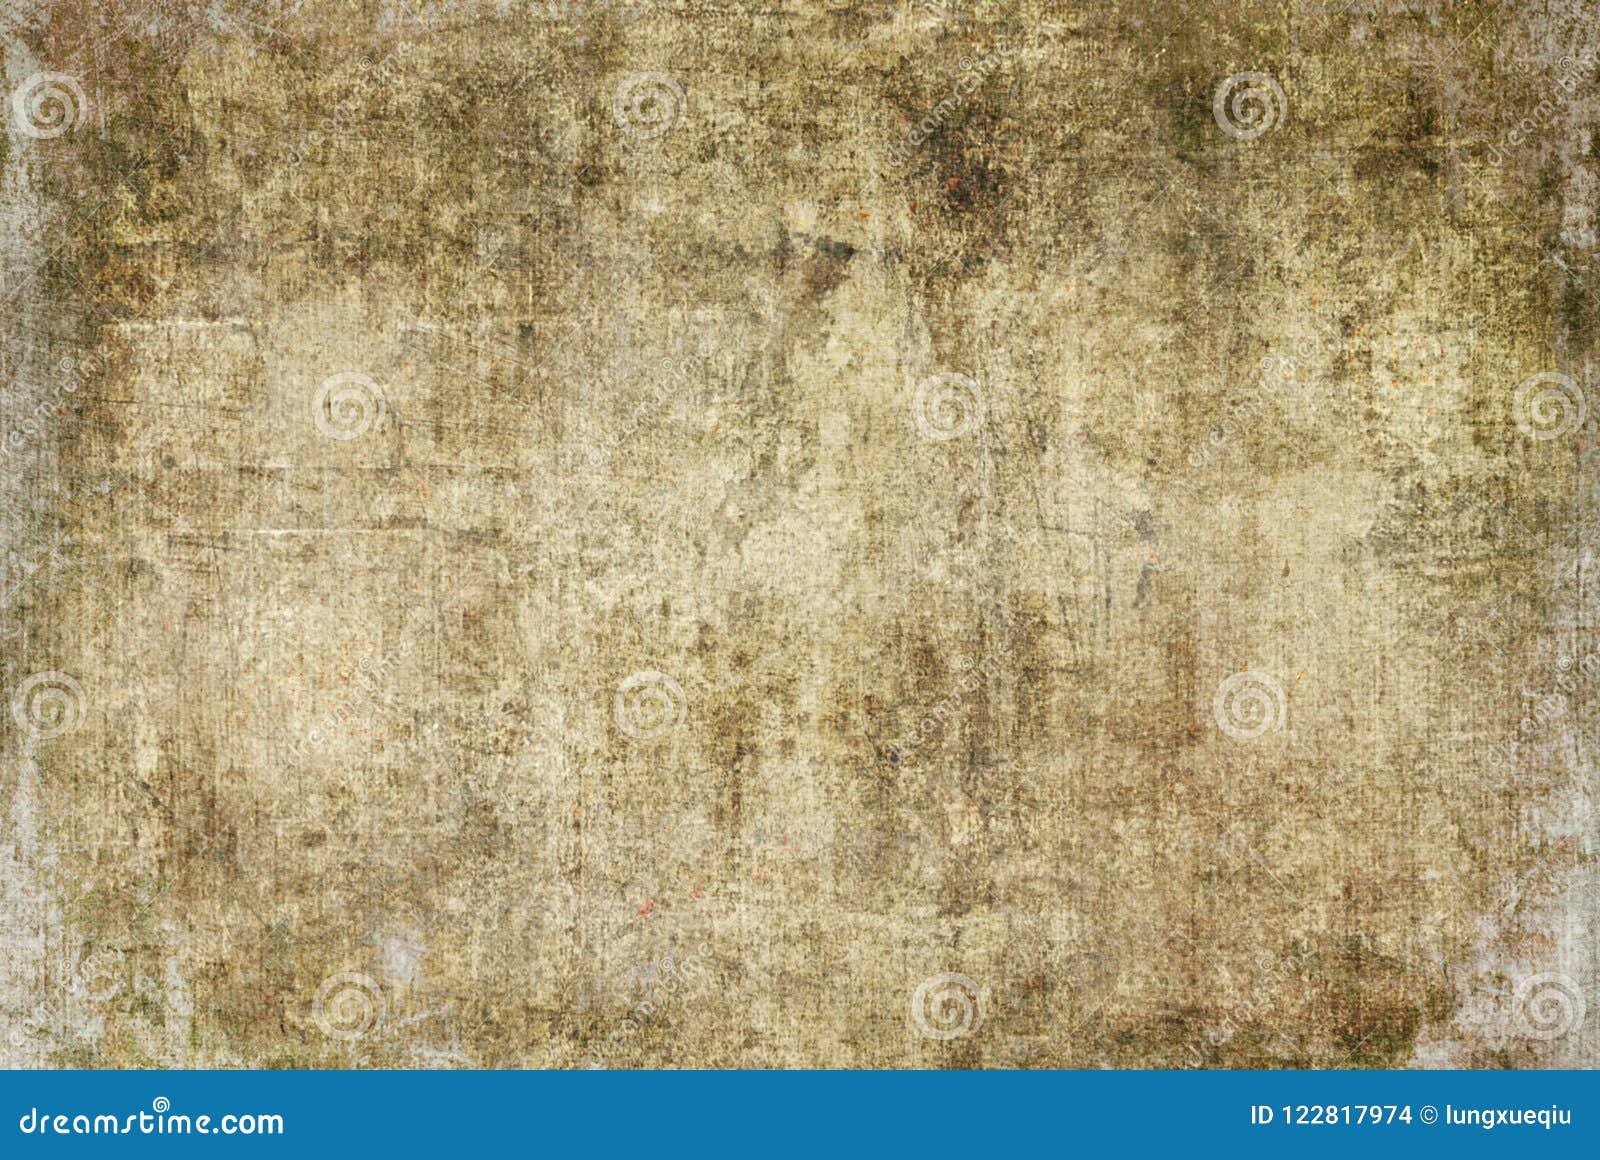 自然布朗破裂的难看的东西黑暗的生锈的被变形的朽烂老抽象帆布绘画纹理样式秋天背景墙纸